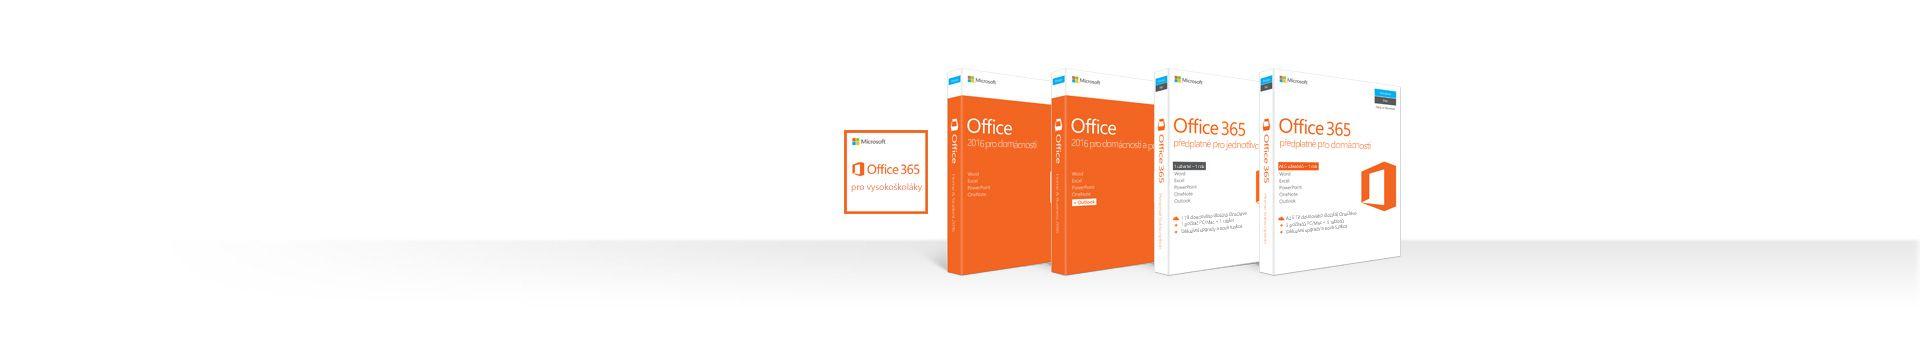 Řada krabic s produkty Office 2016 a Office 365 pro Mac